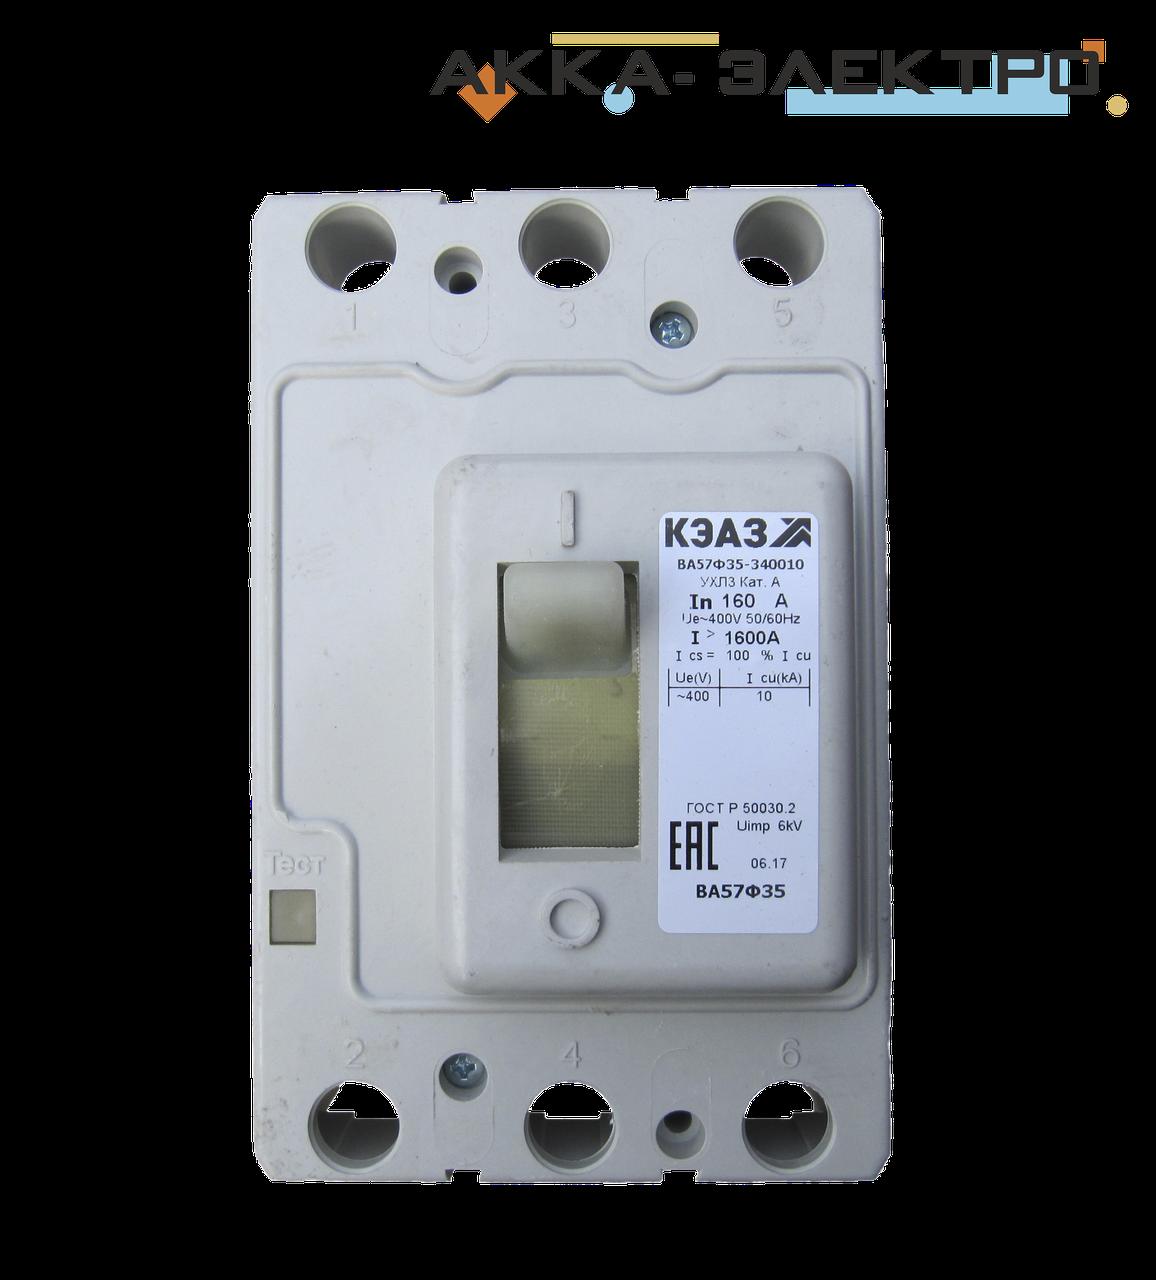 Автоматический выключатель ВА57Ф35 160А KEAZ